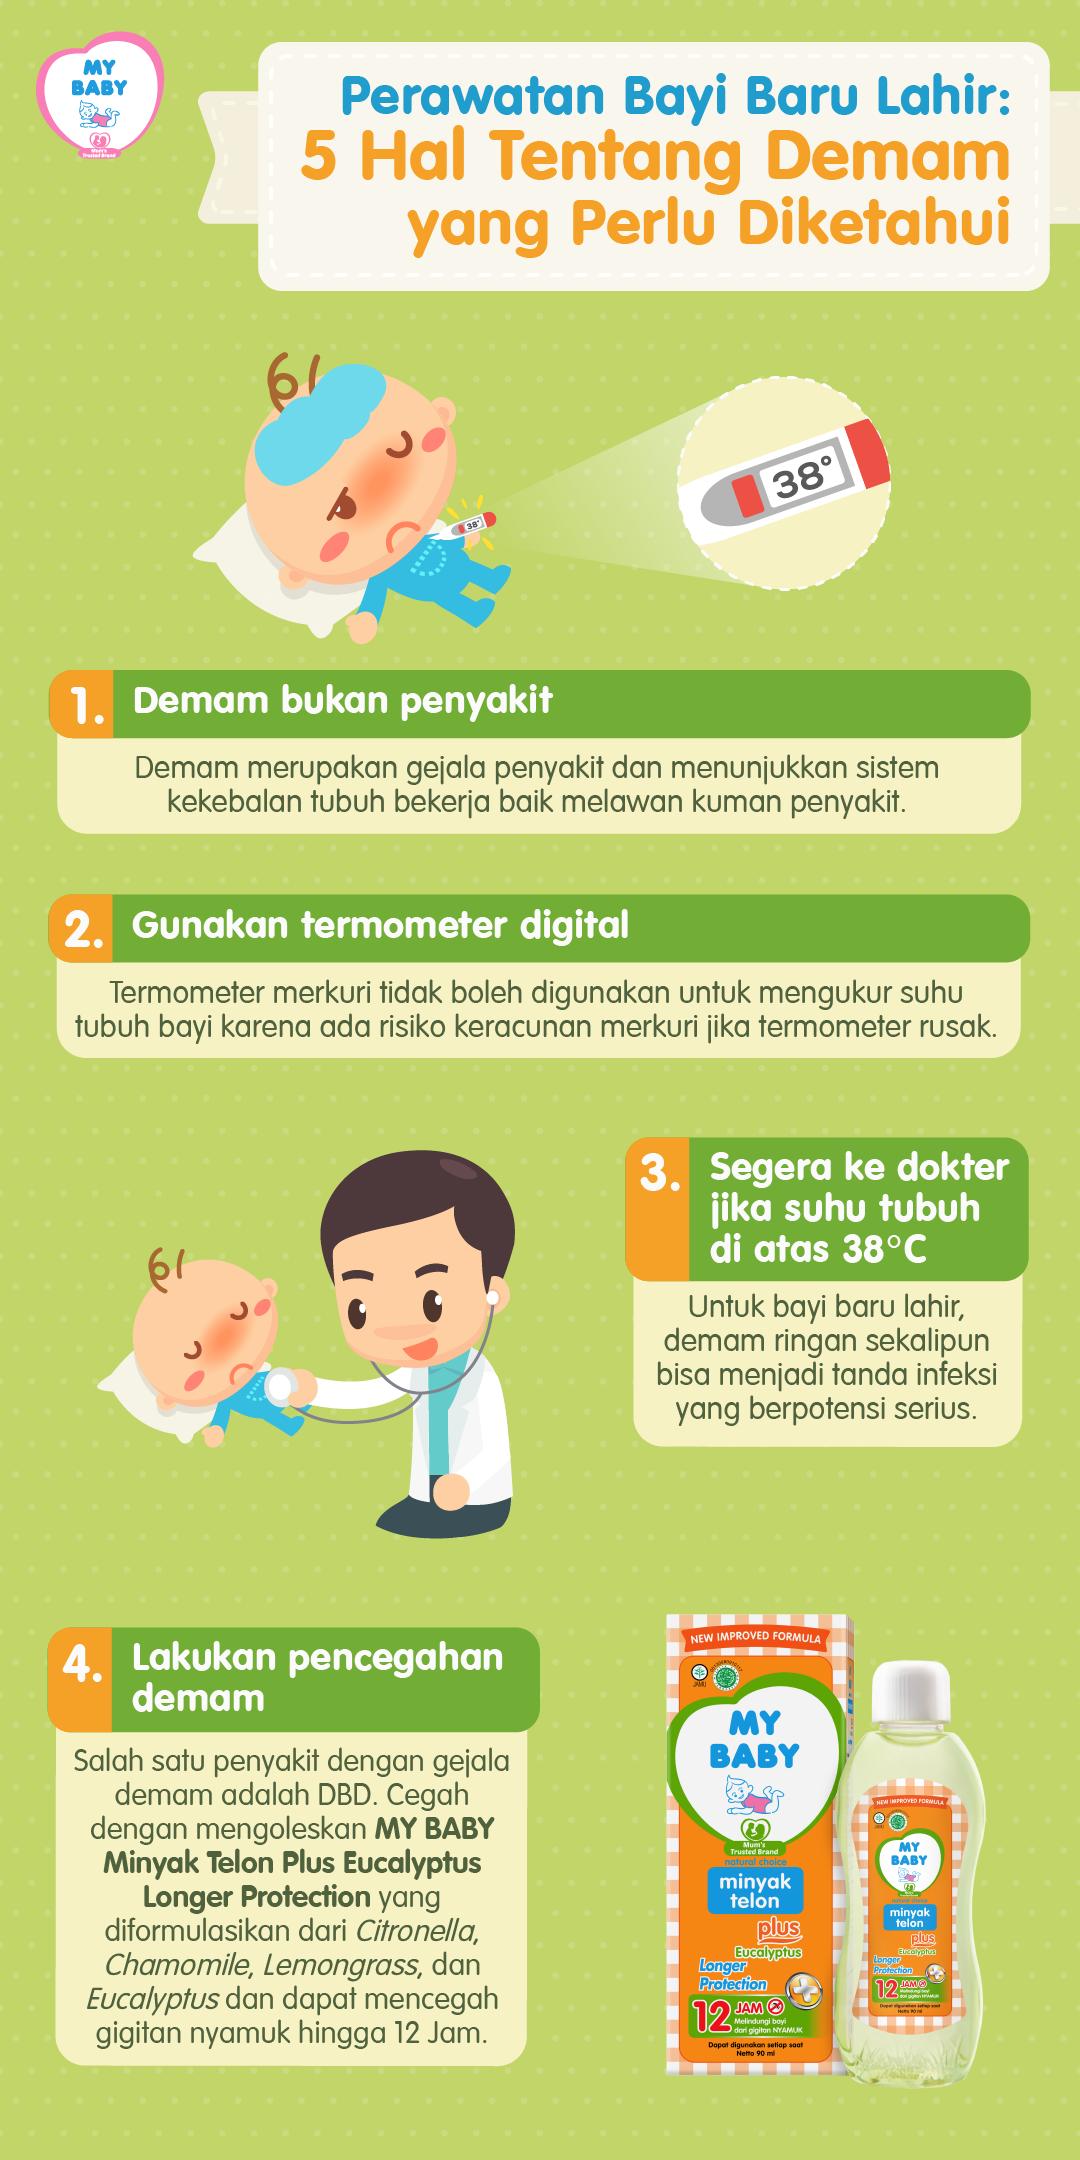 Perawatan Bayi Baru Lahir 5 Hal Tentang Demam Yang Perlu Diketahui My Baby